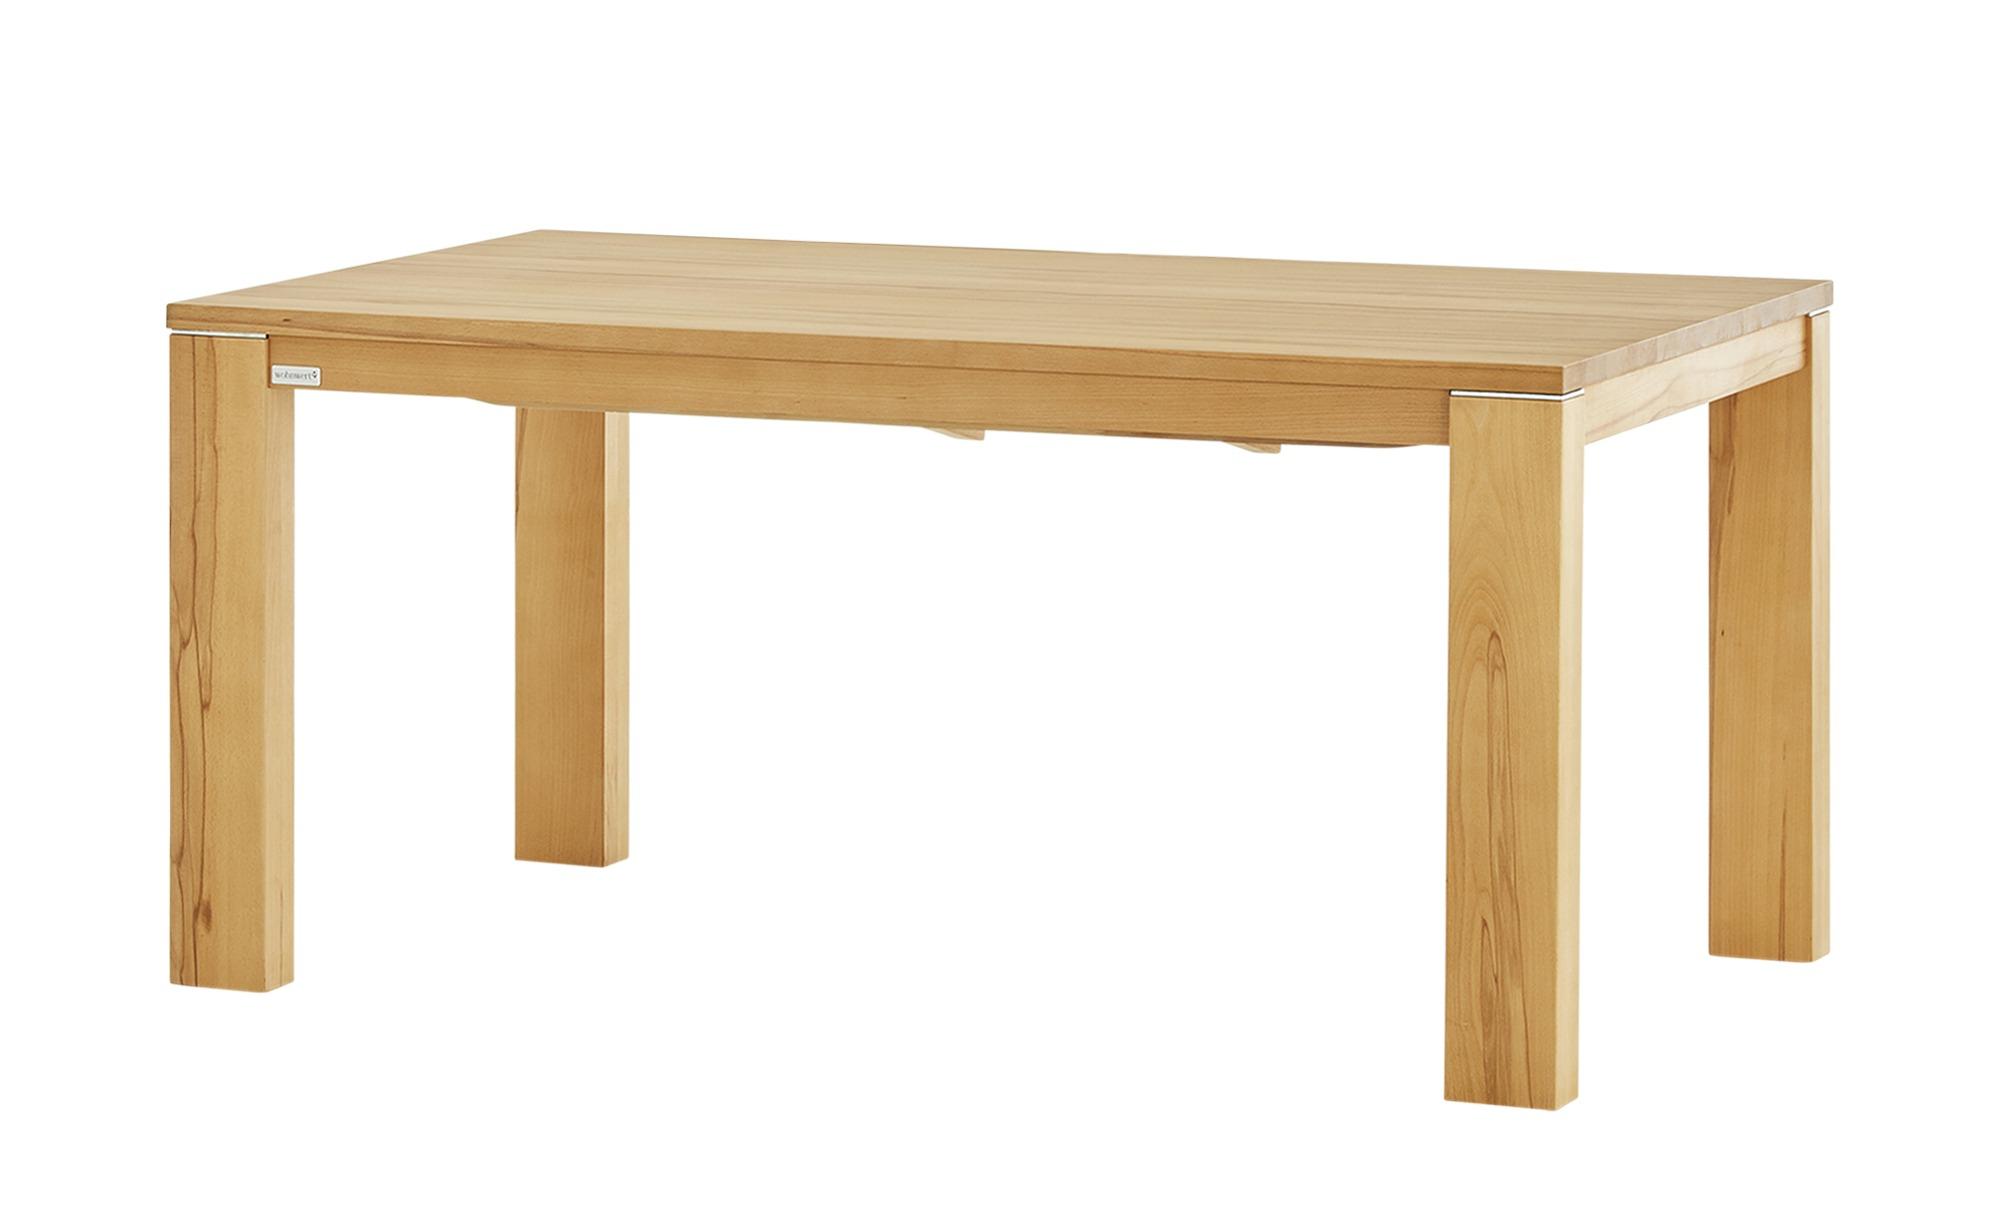 Filigraner Tisch, Möbel gebraucht kaufen | eBay Kleinanzeigen